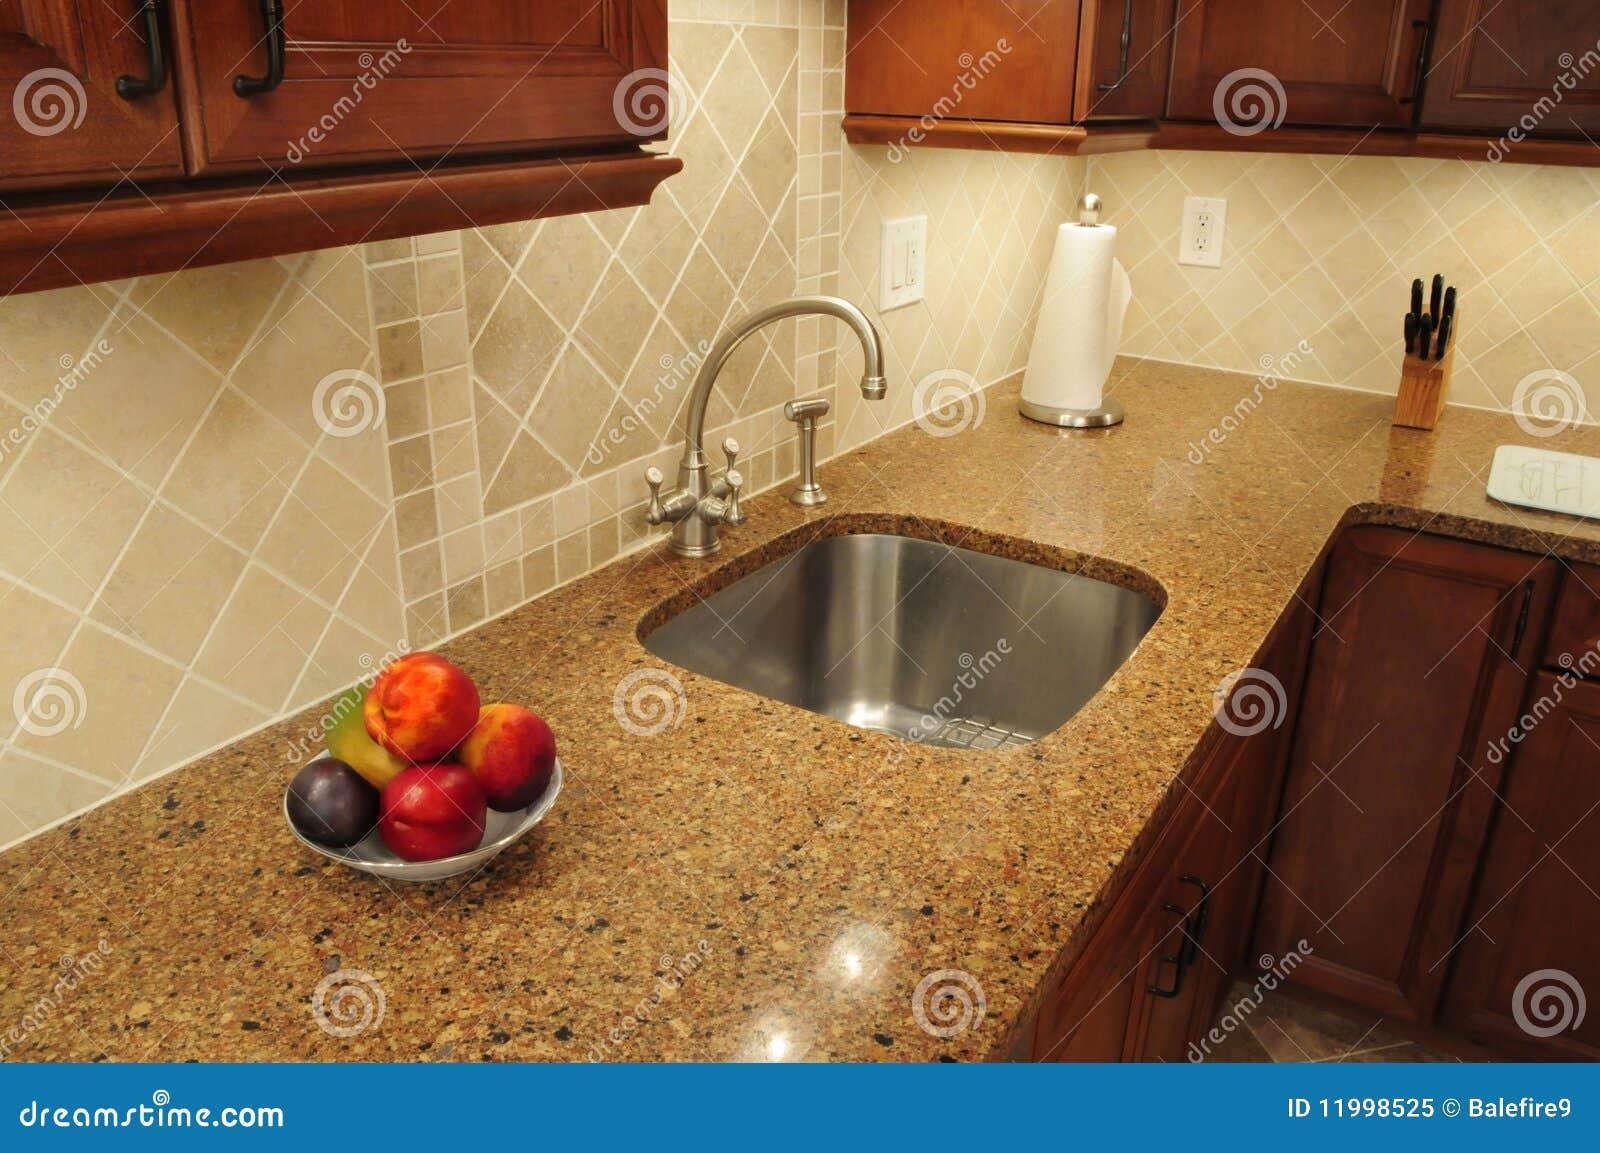 Fregadero Del Acero Inoxidable En Una Cocina Remodelada Imagen de ...